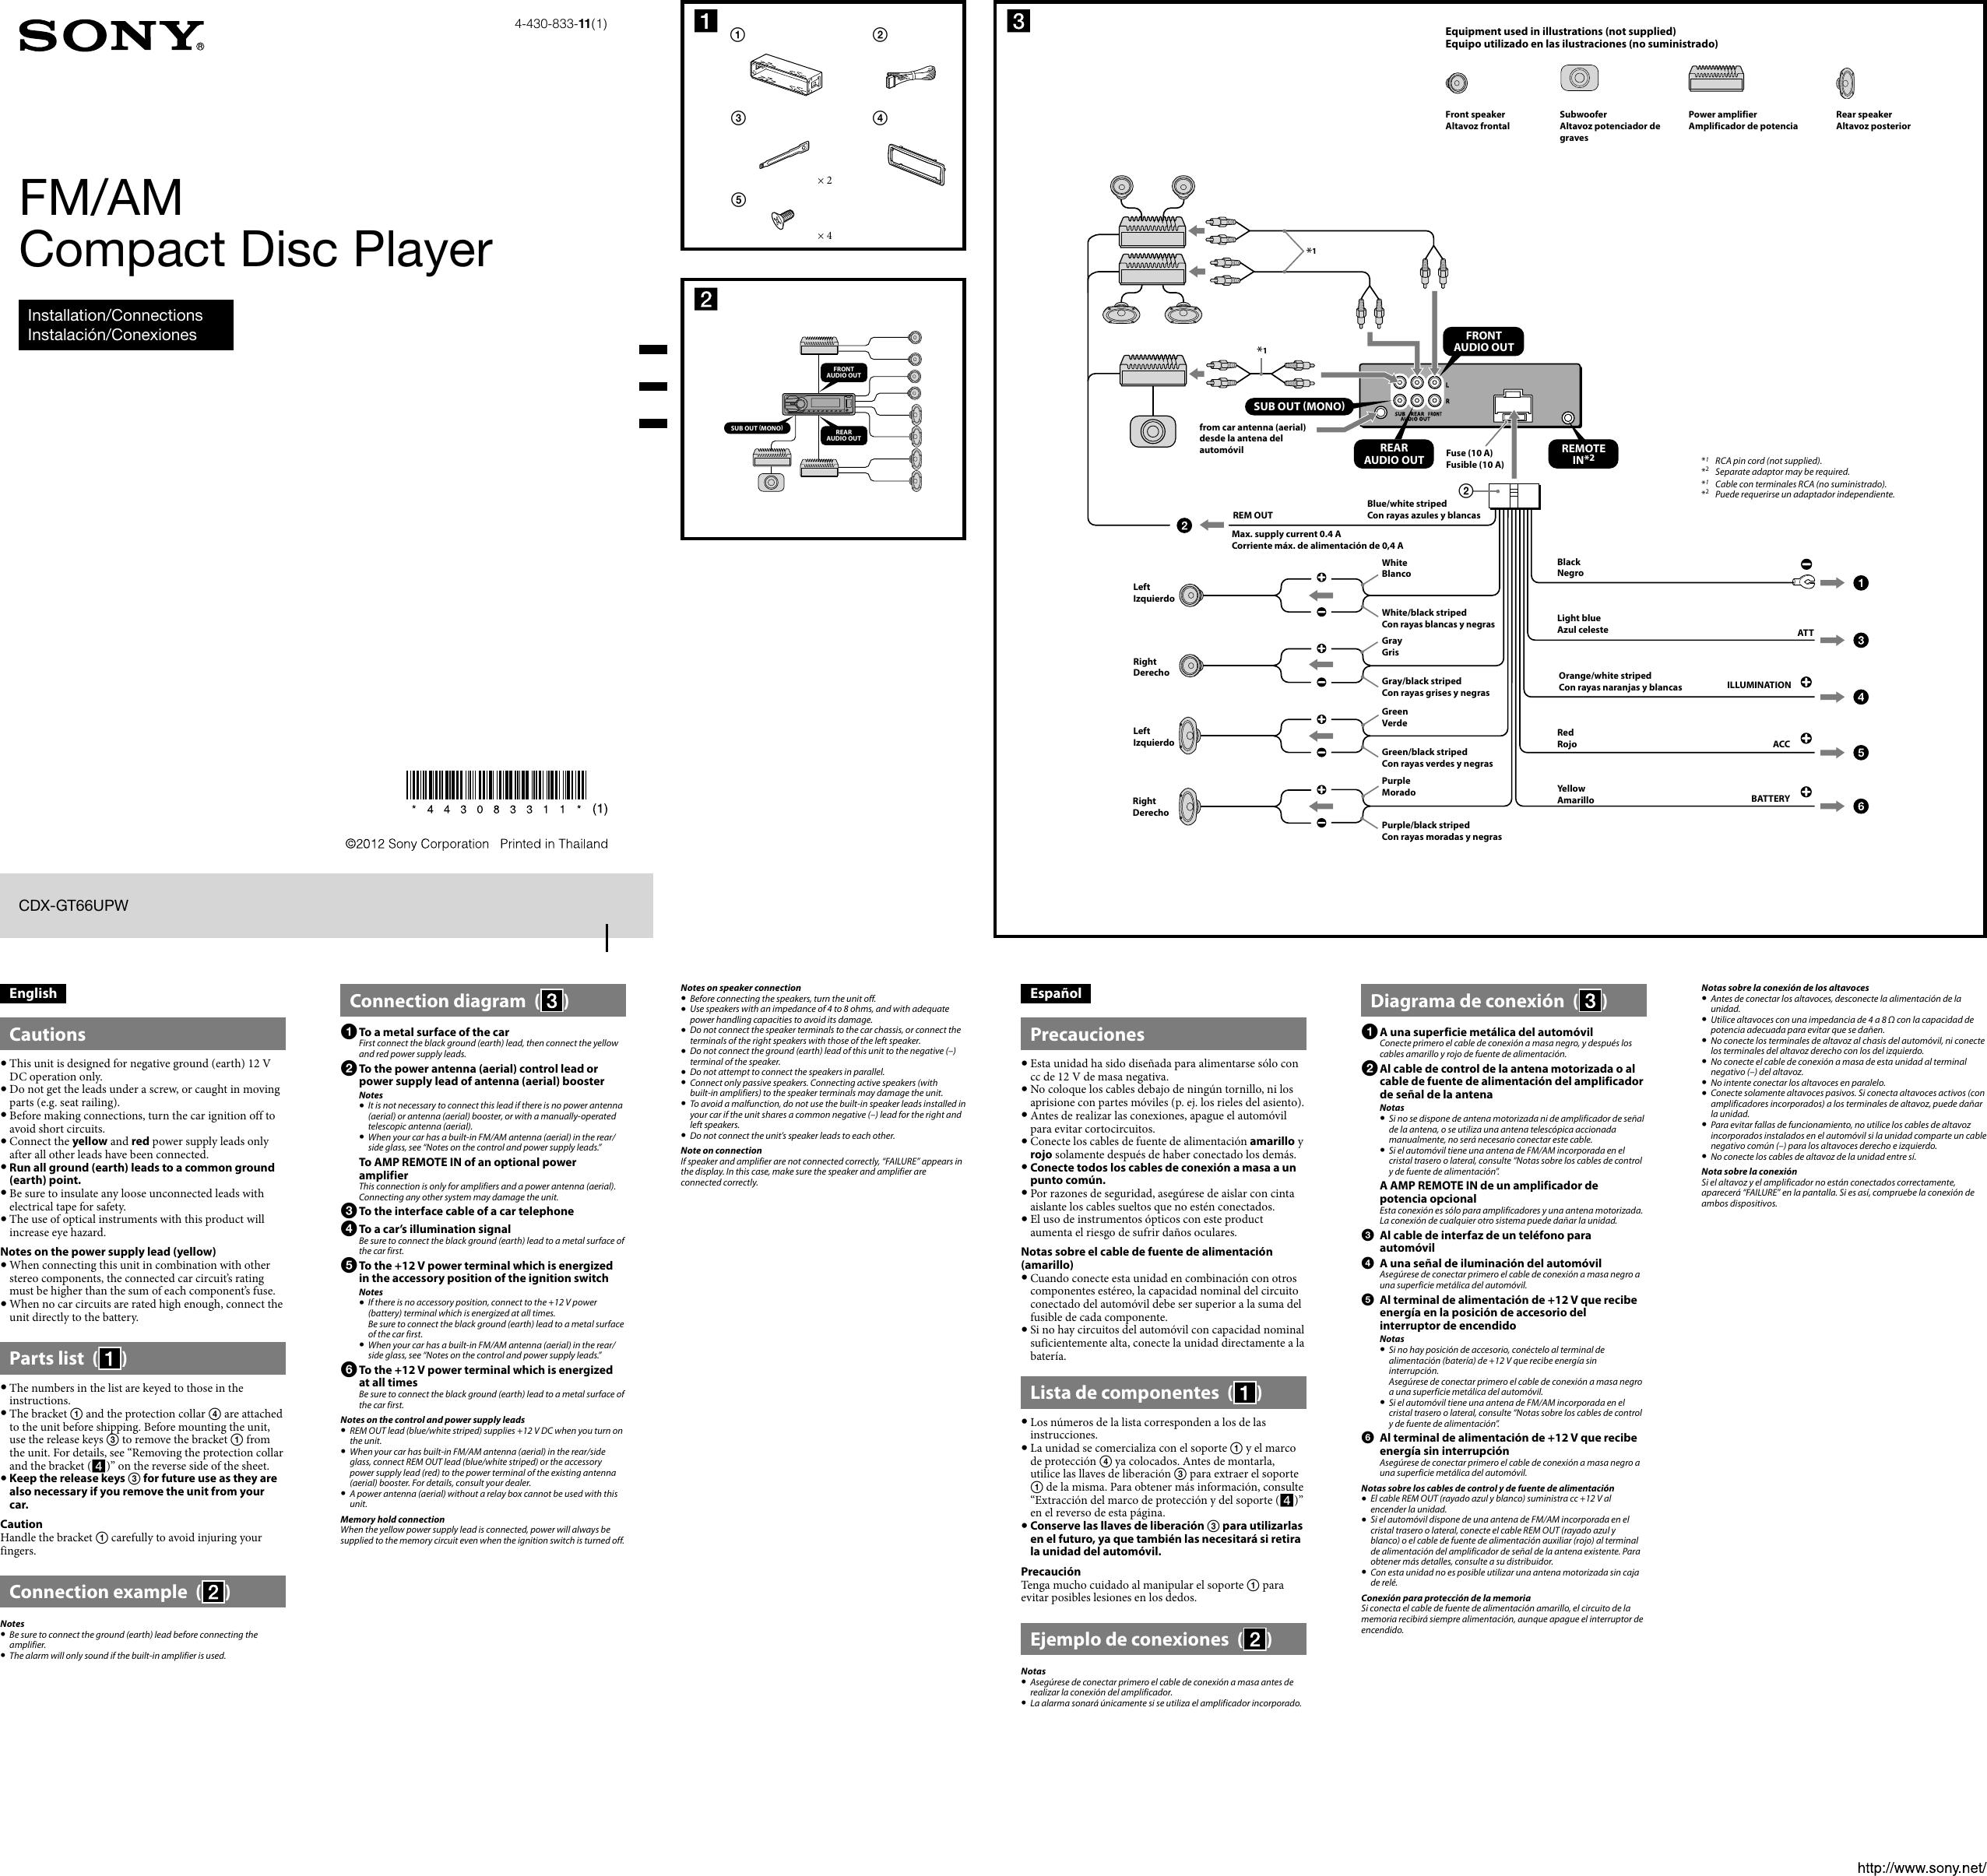 Sony Cdx Gt66Upw Wiring Diagram from usermanual.wiki